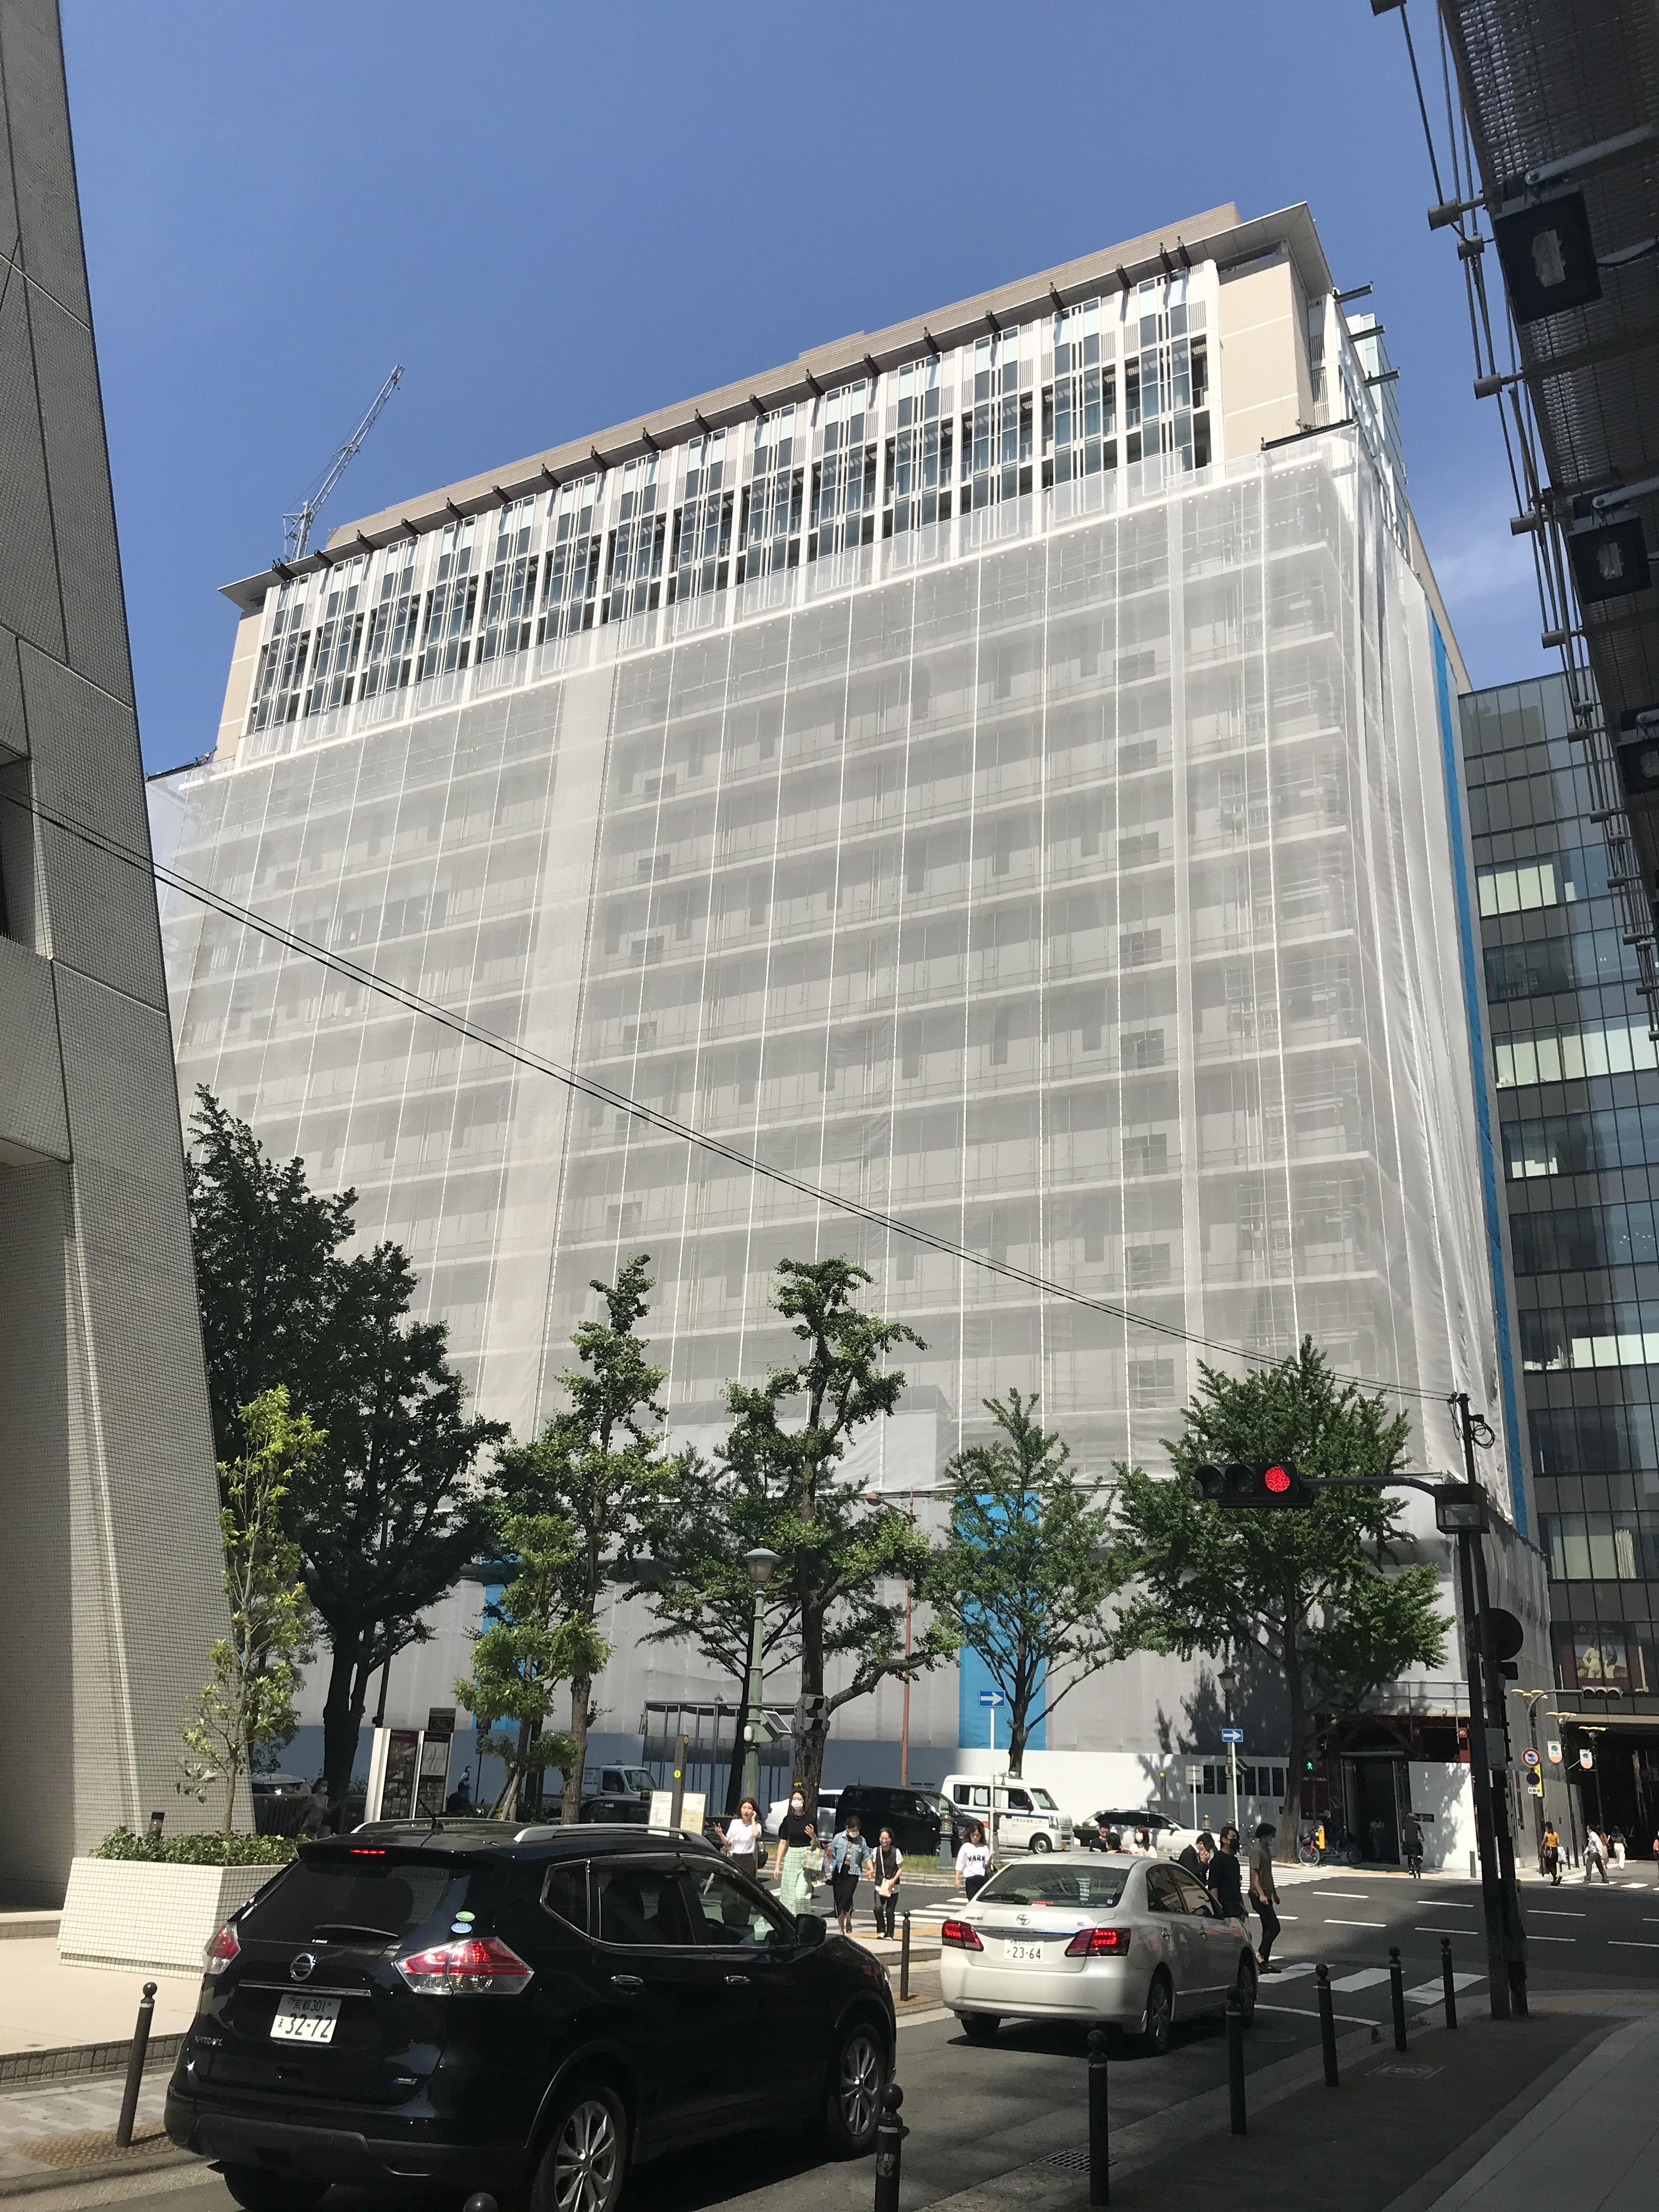 200702 大丸心斎橋店北館(旧そごう心斎橋店)